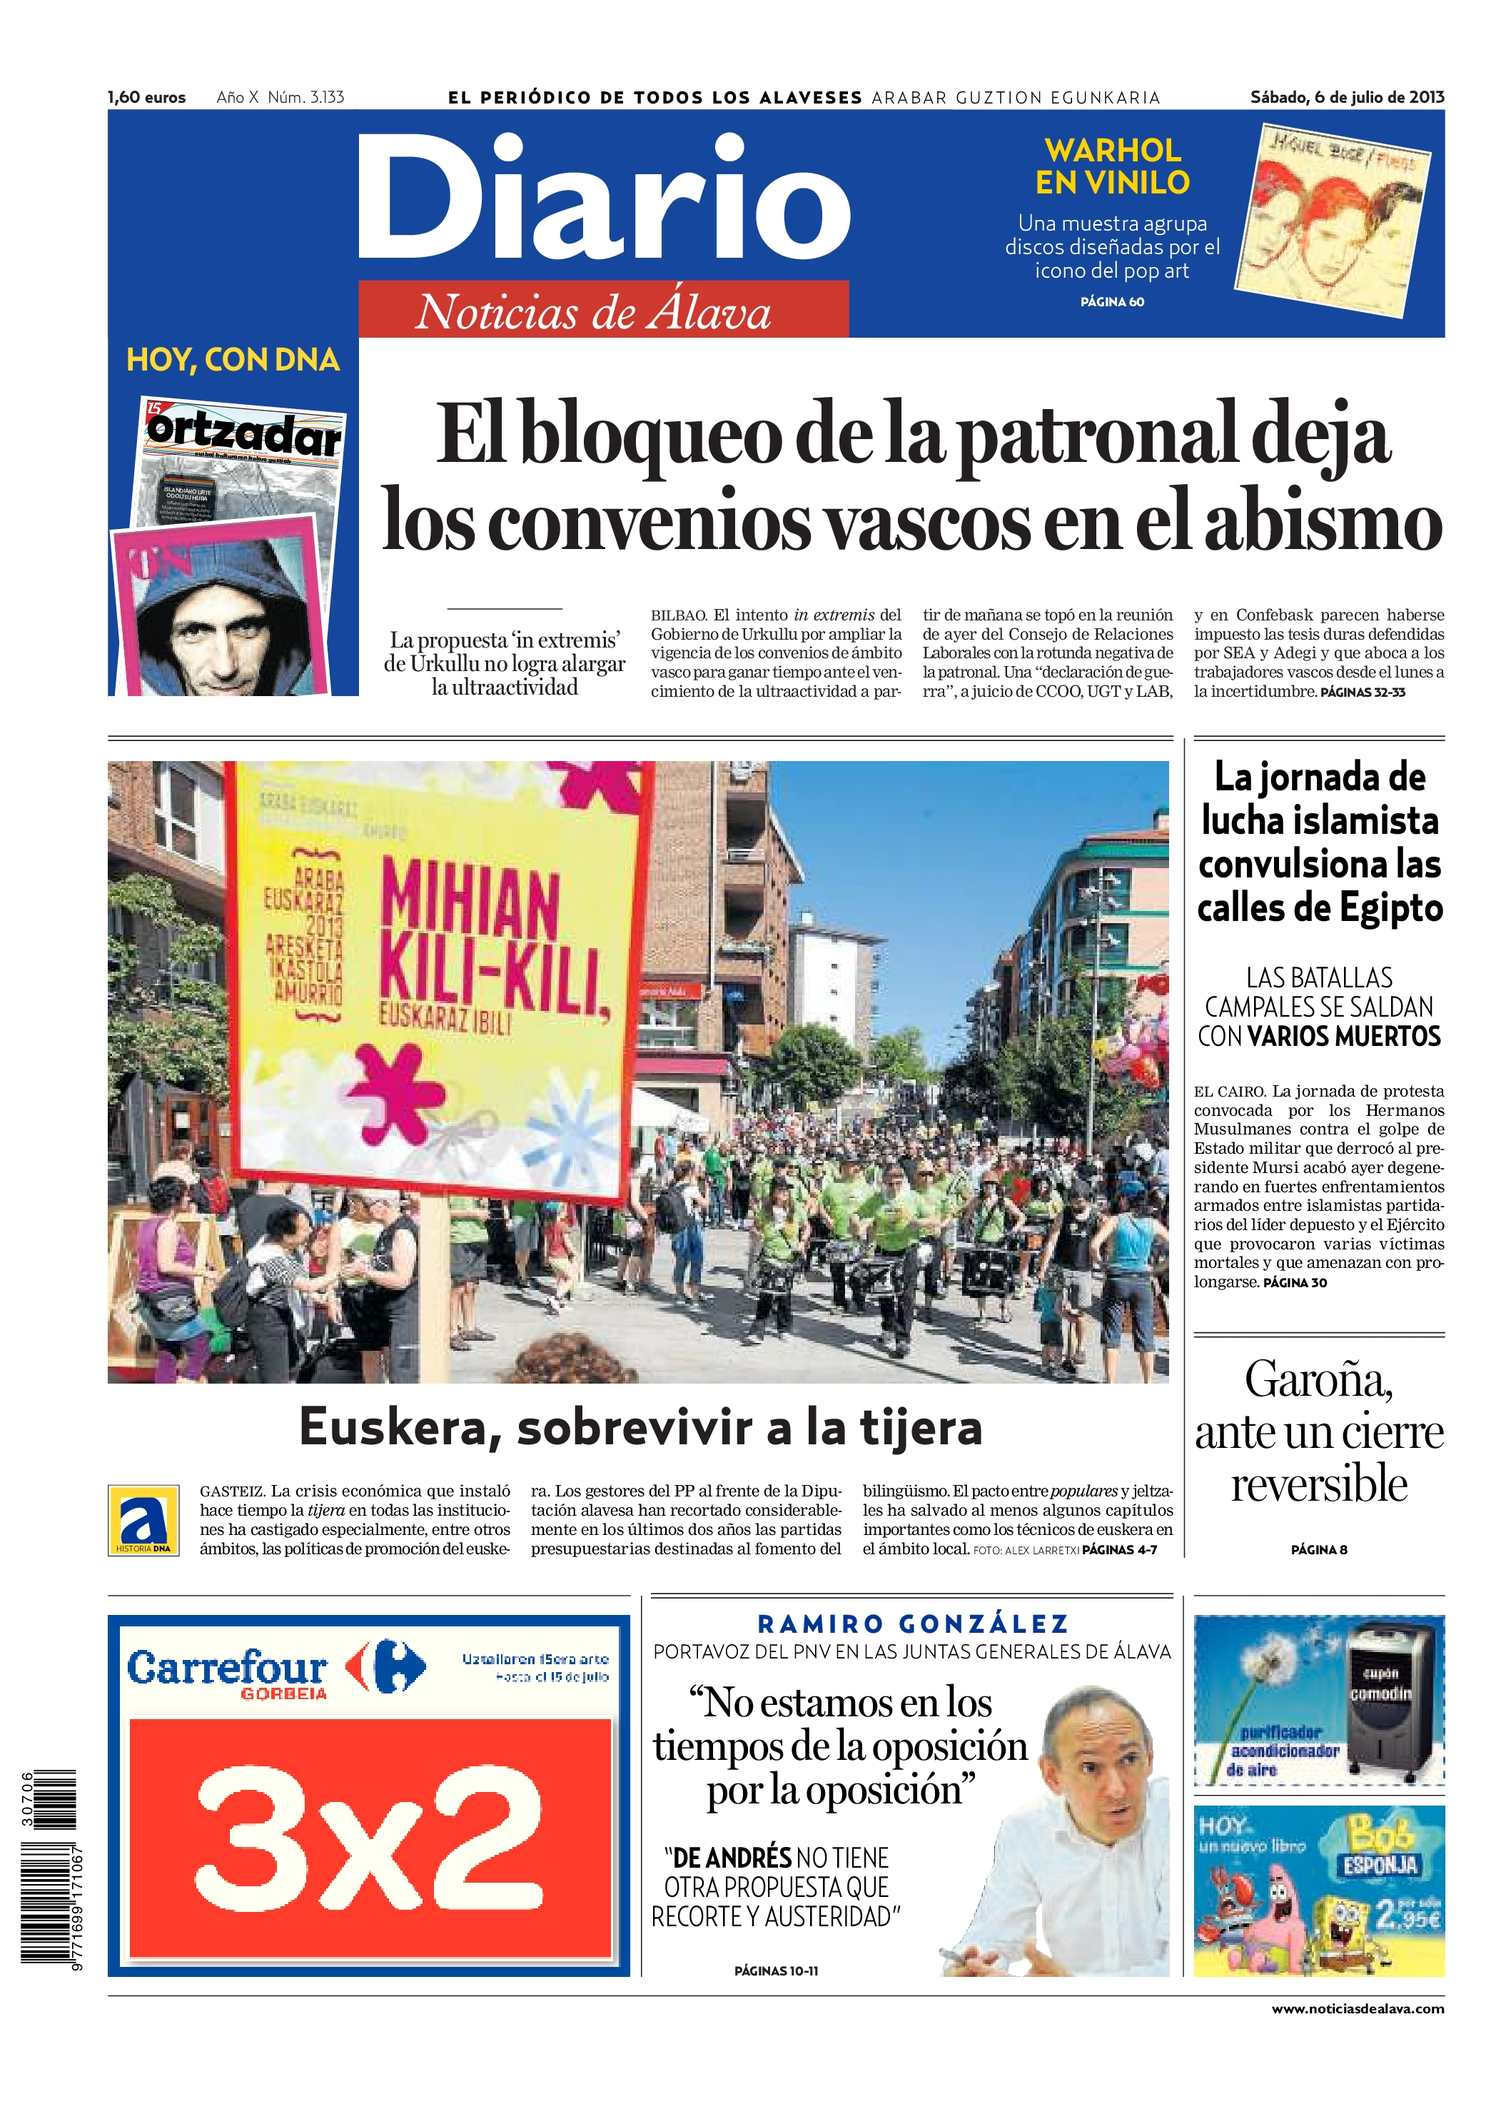 2d4e4e320 Calaméo - Diario de Noticias de Álava 20130706